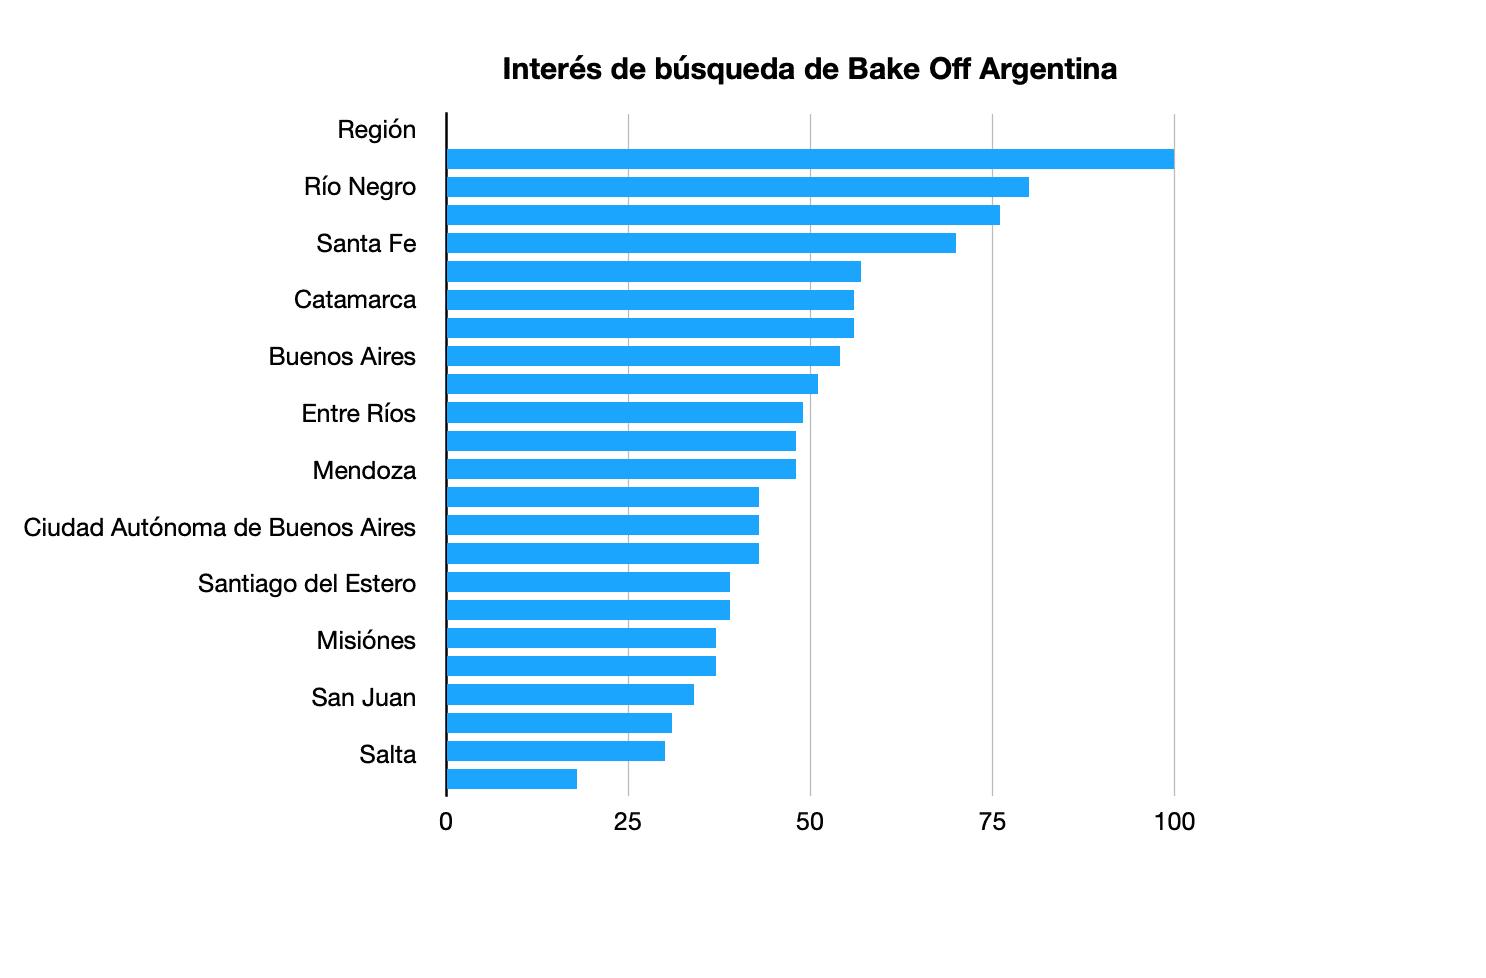 interés de búqueda en Google de Balke Off Argentina